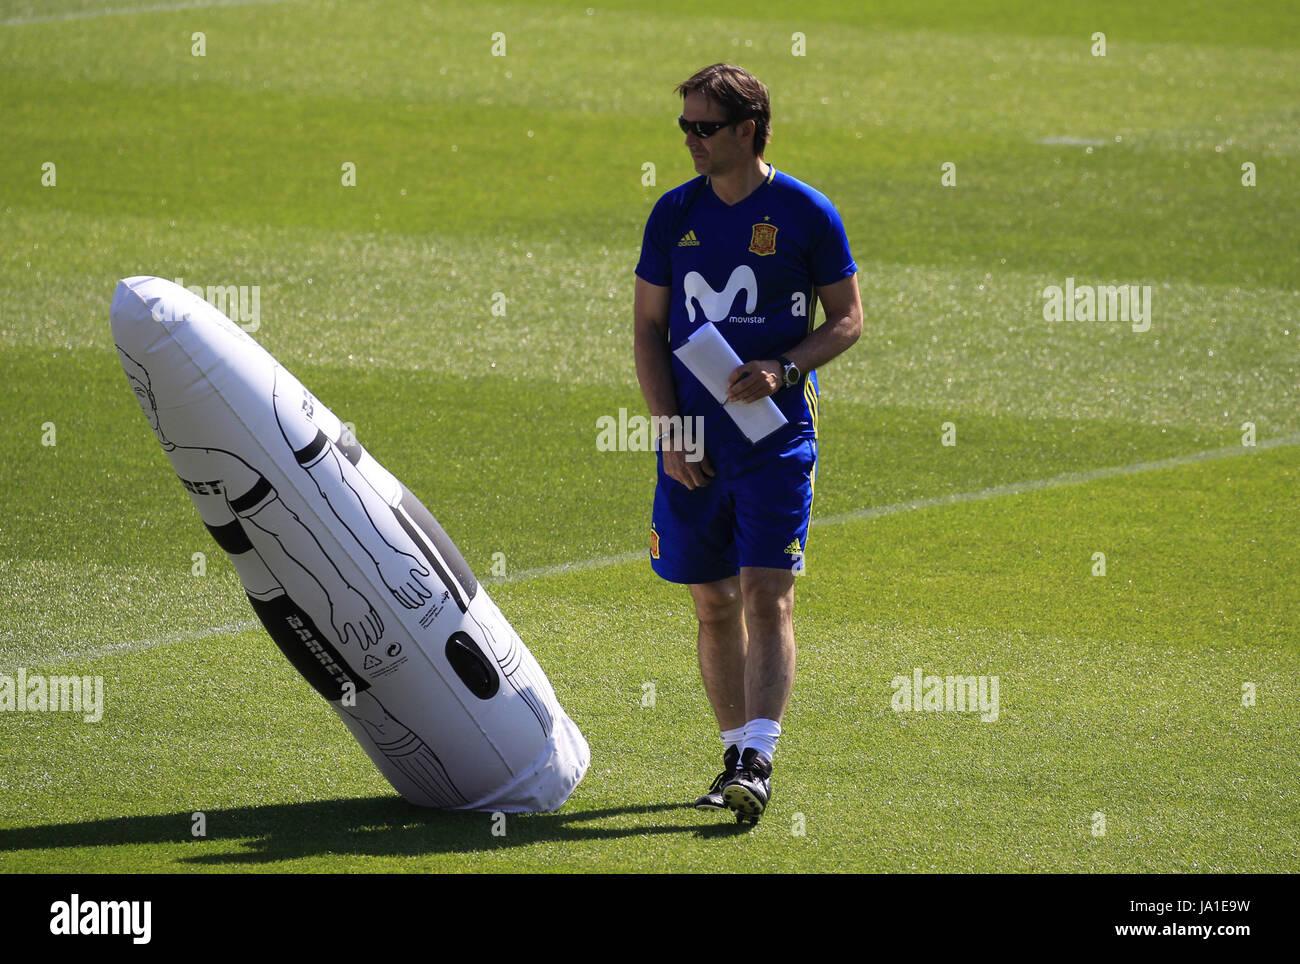 Spanish National soccer team's head coach, Julen Lopetegui